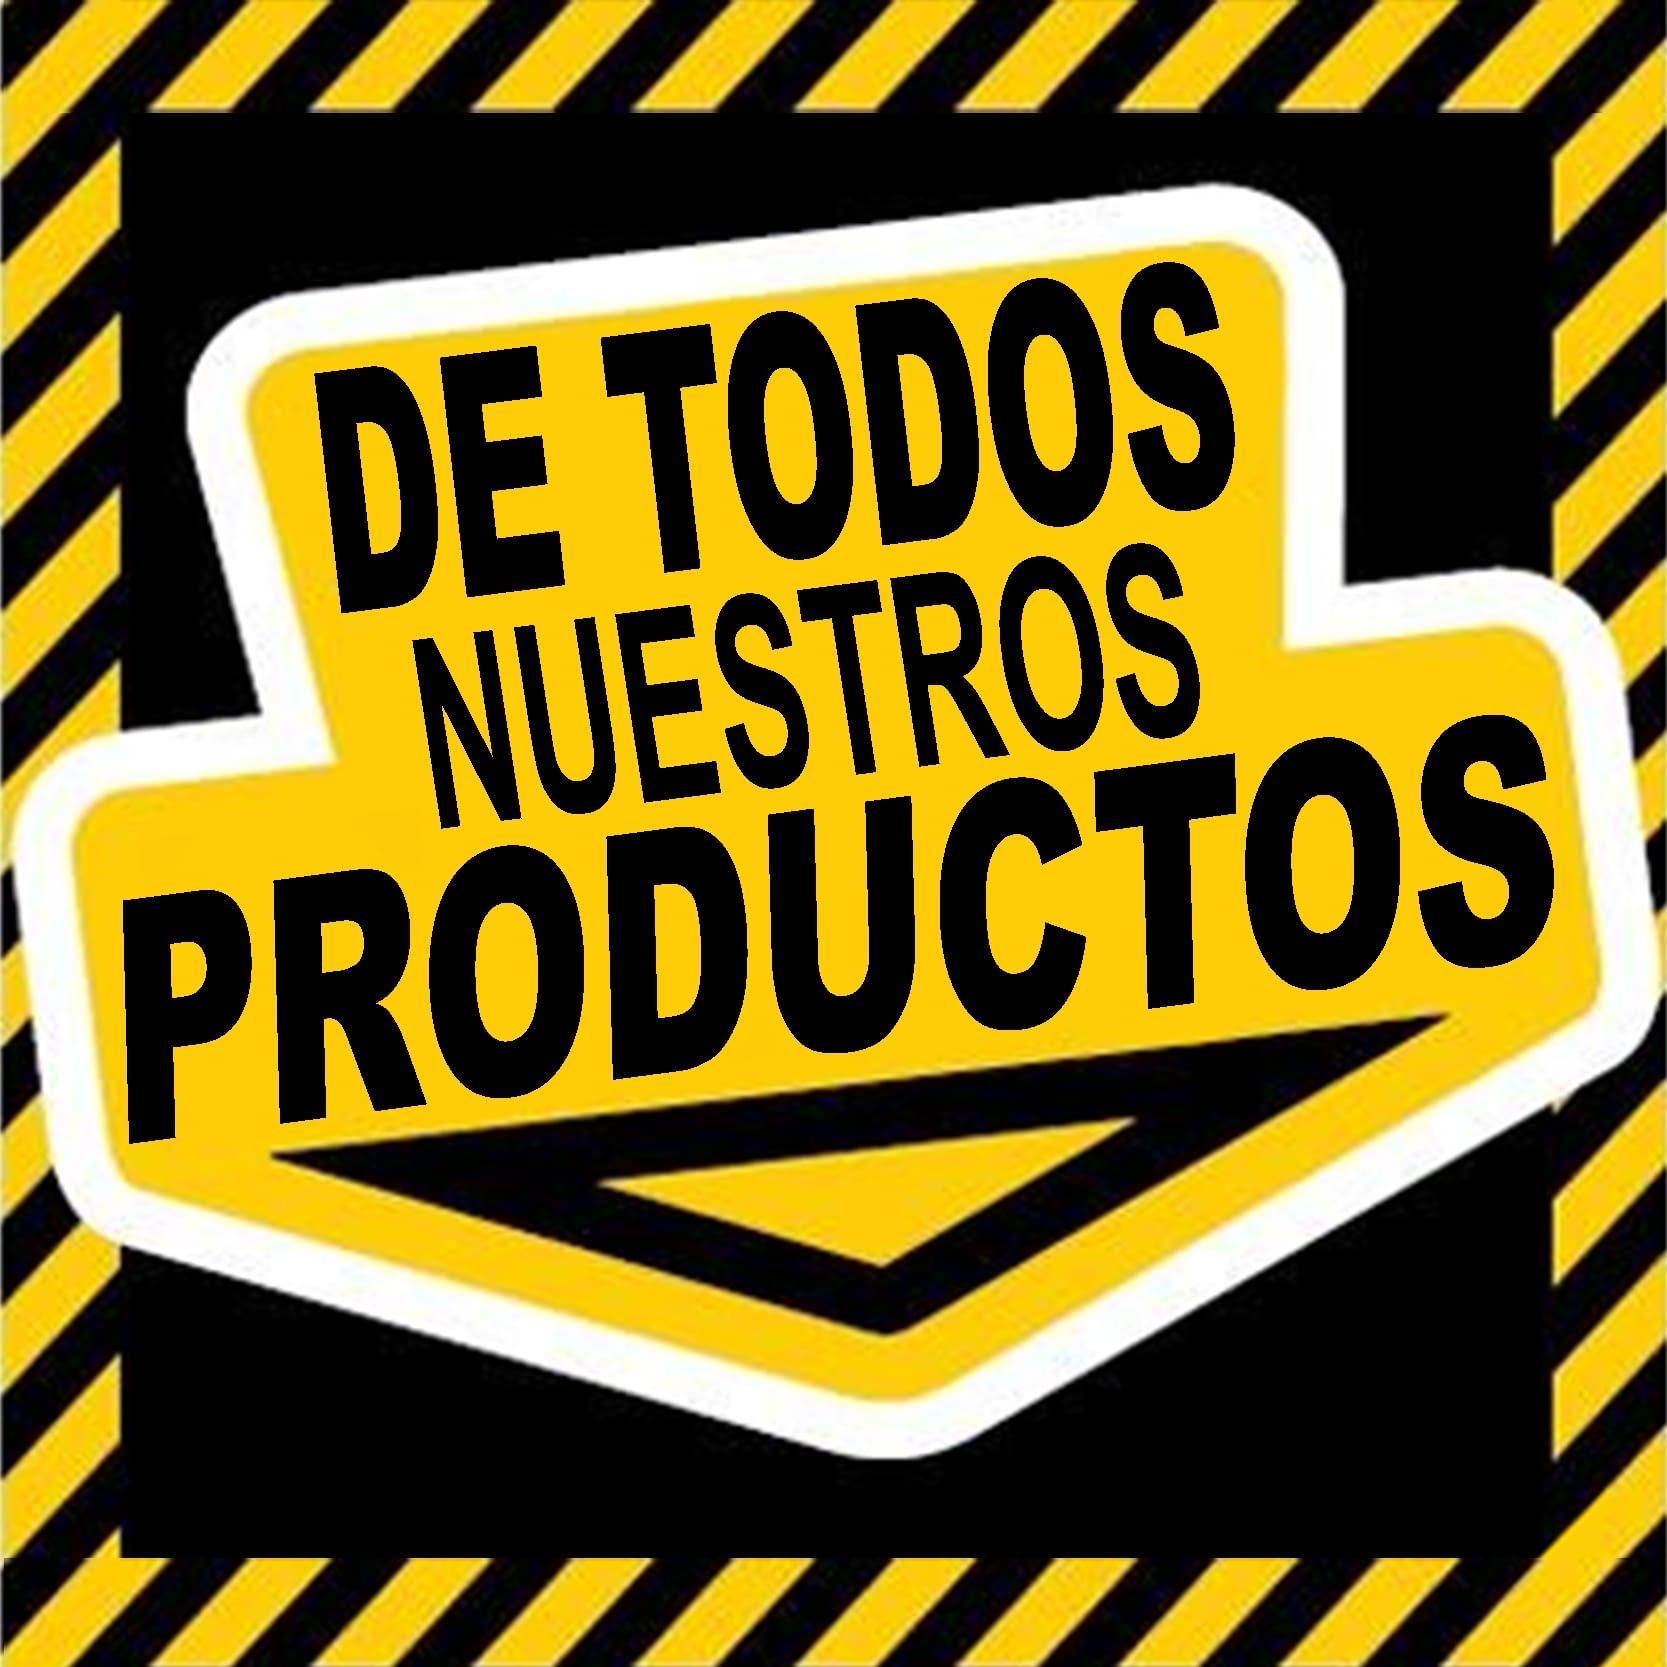 DE TODOS NUESTROS PRODUCTOS